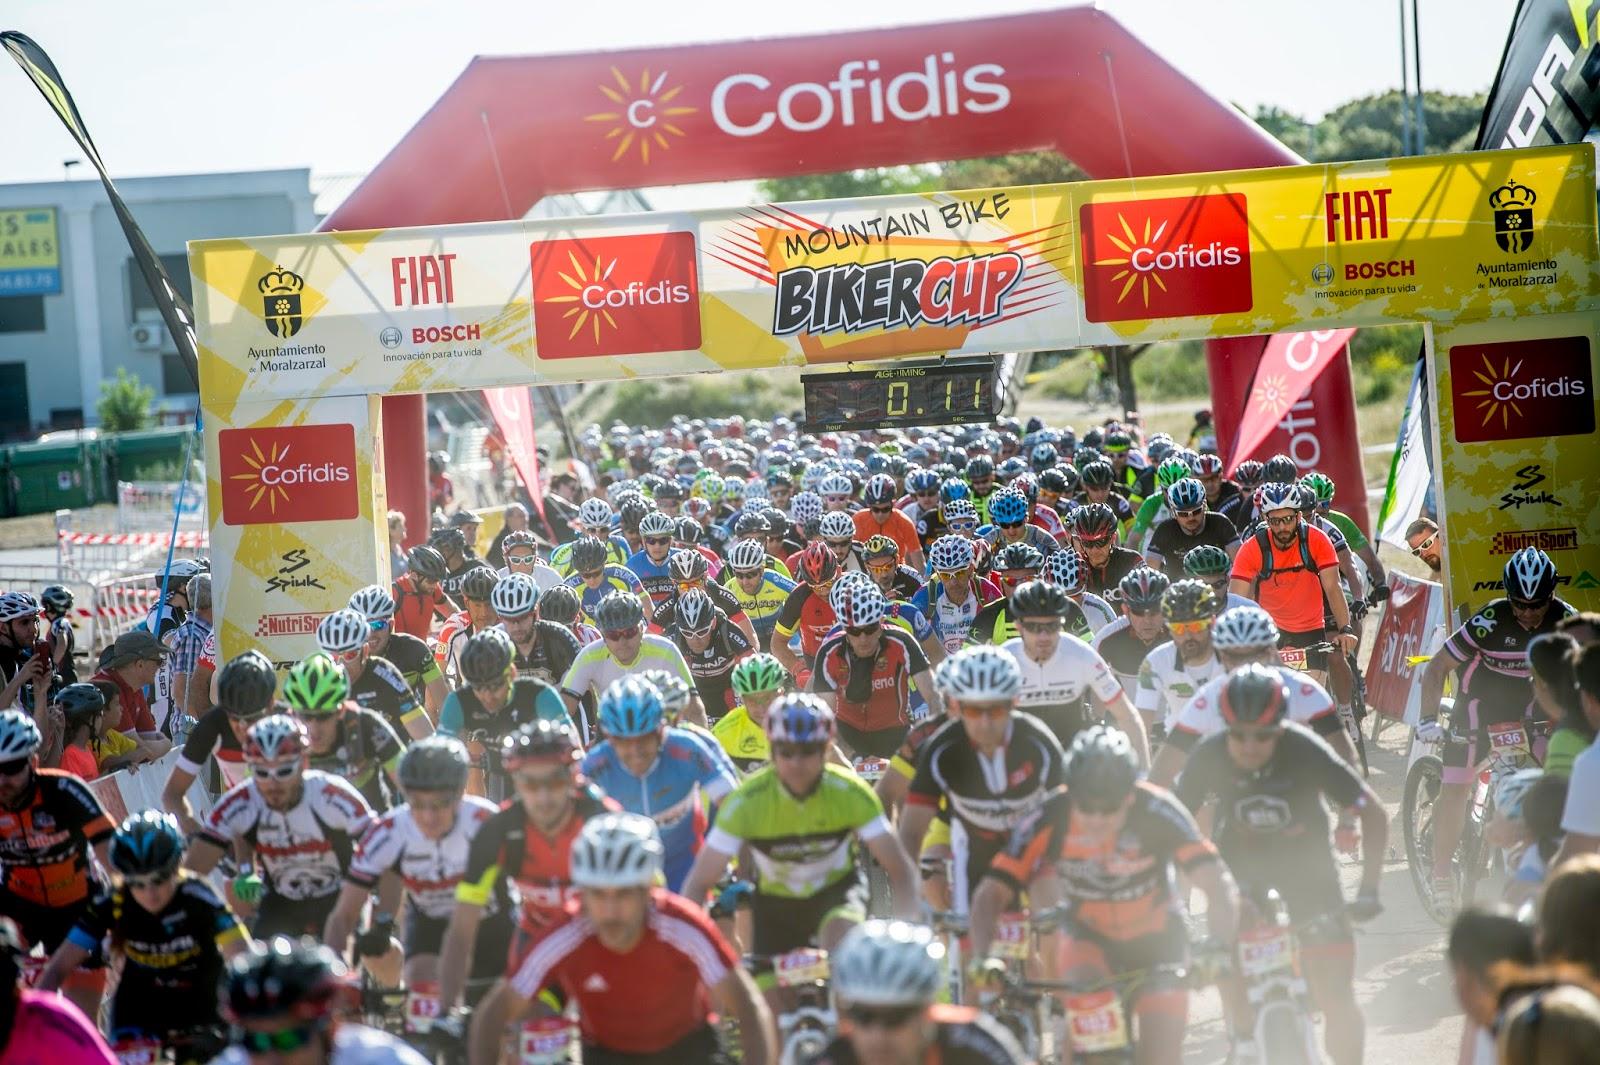 Circuito Xco Moralzarzal : Cofidis biker cup apuesta por el mtb olÍmpico y popular mtbymas